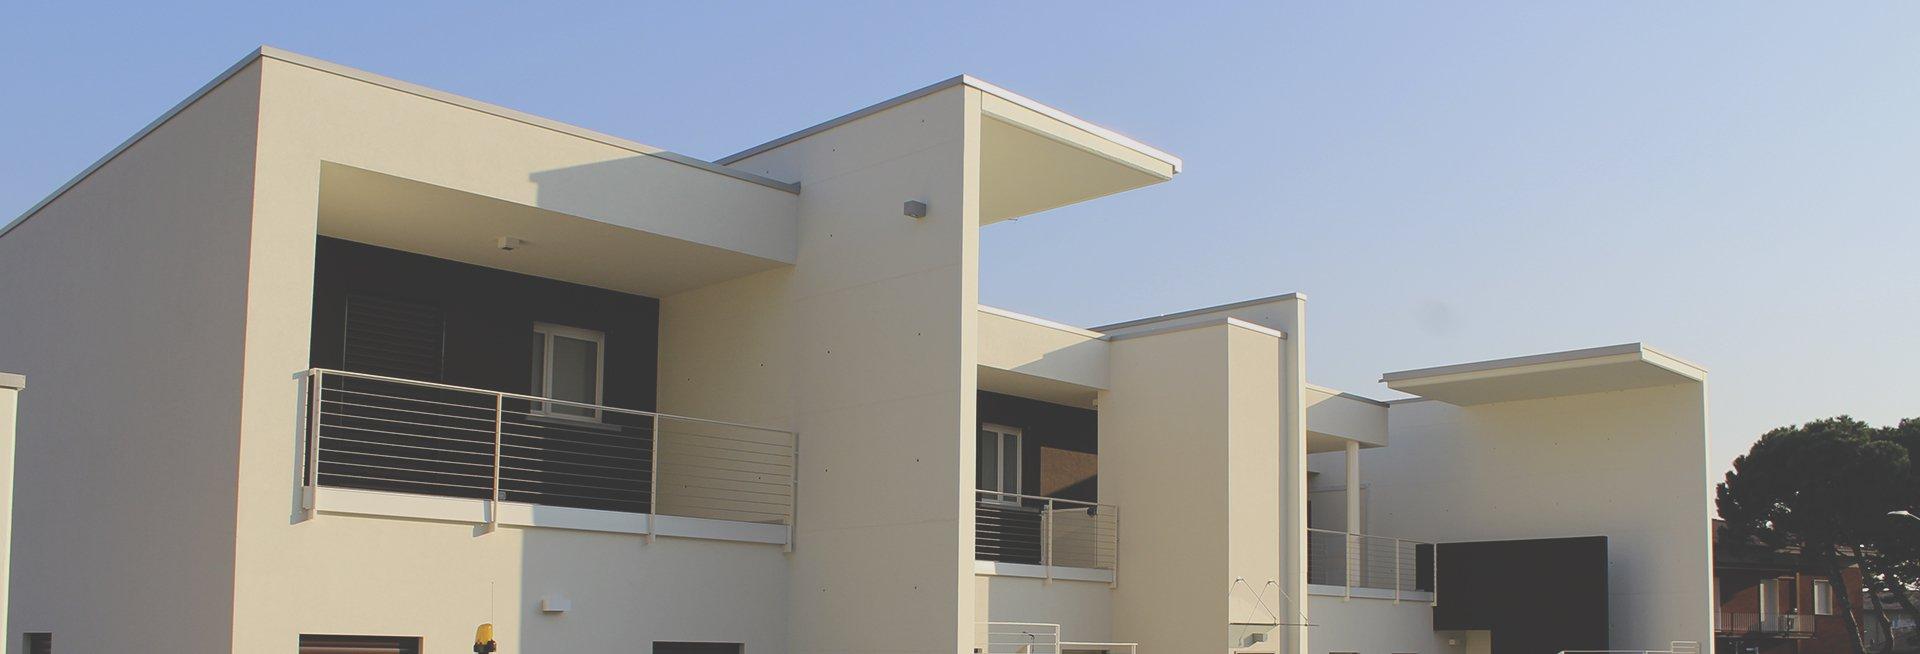 Casas pasivas modulares, una opción al alza